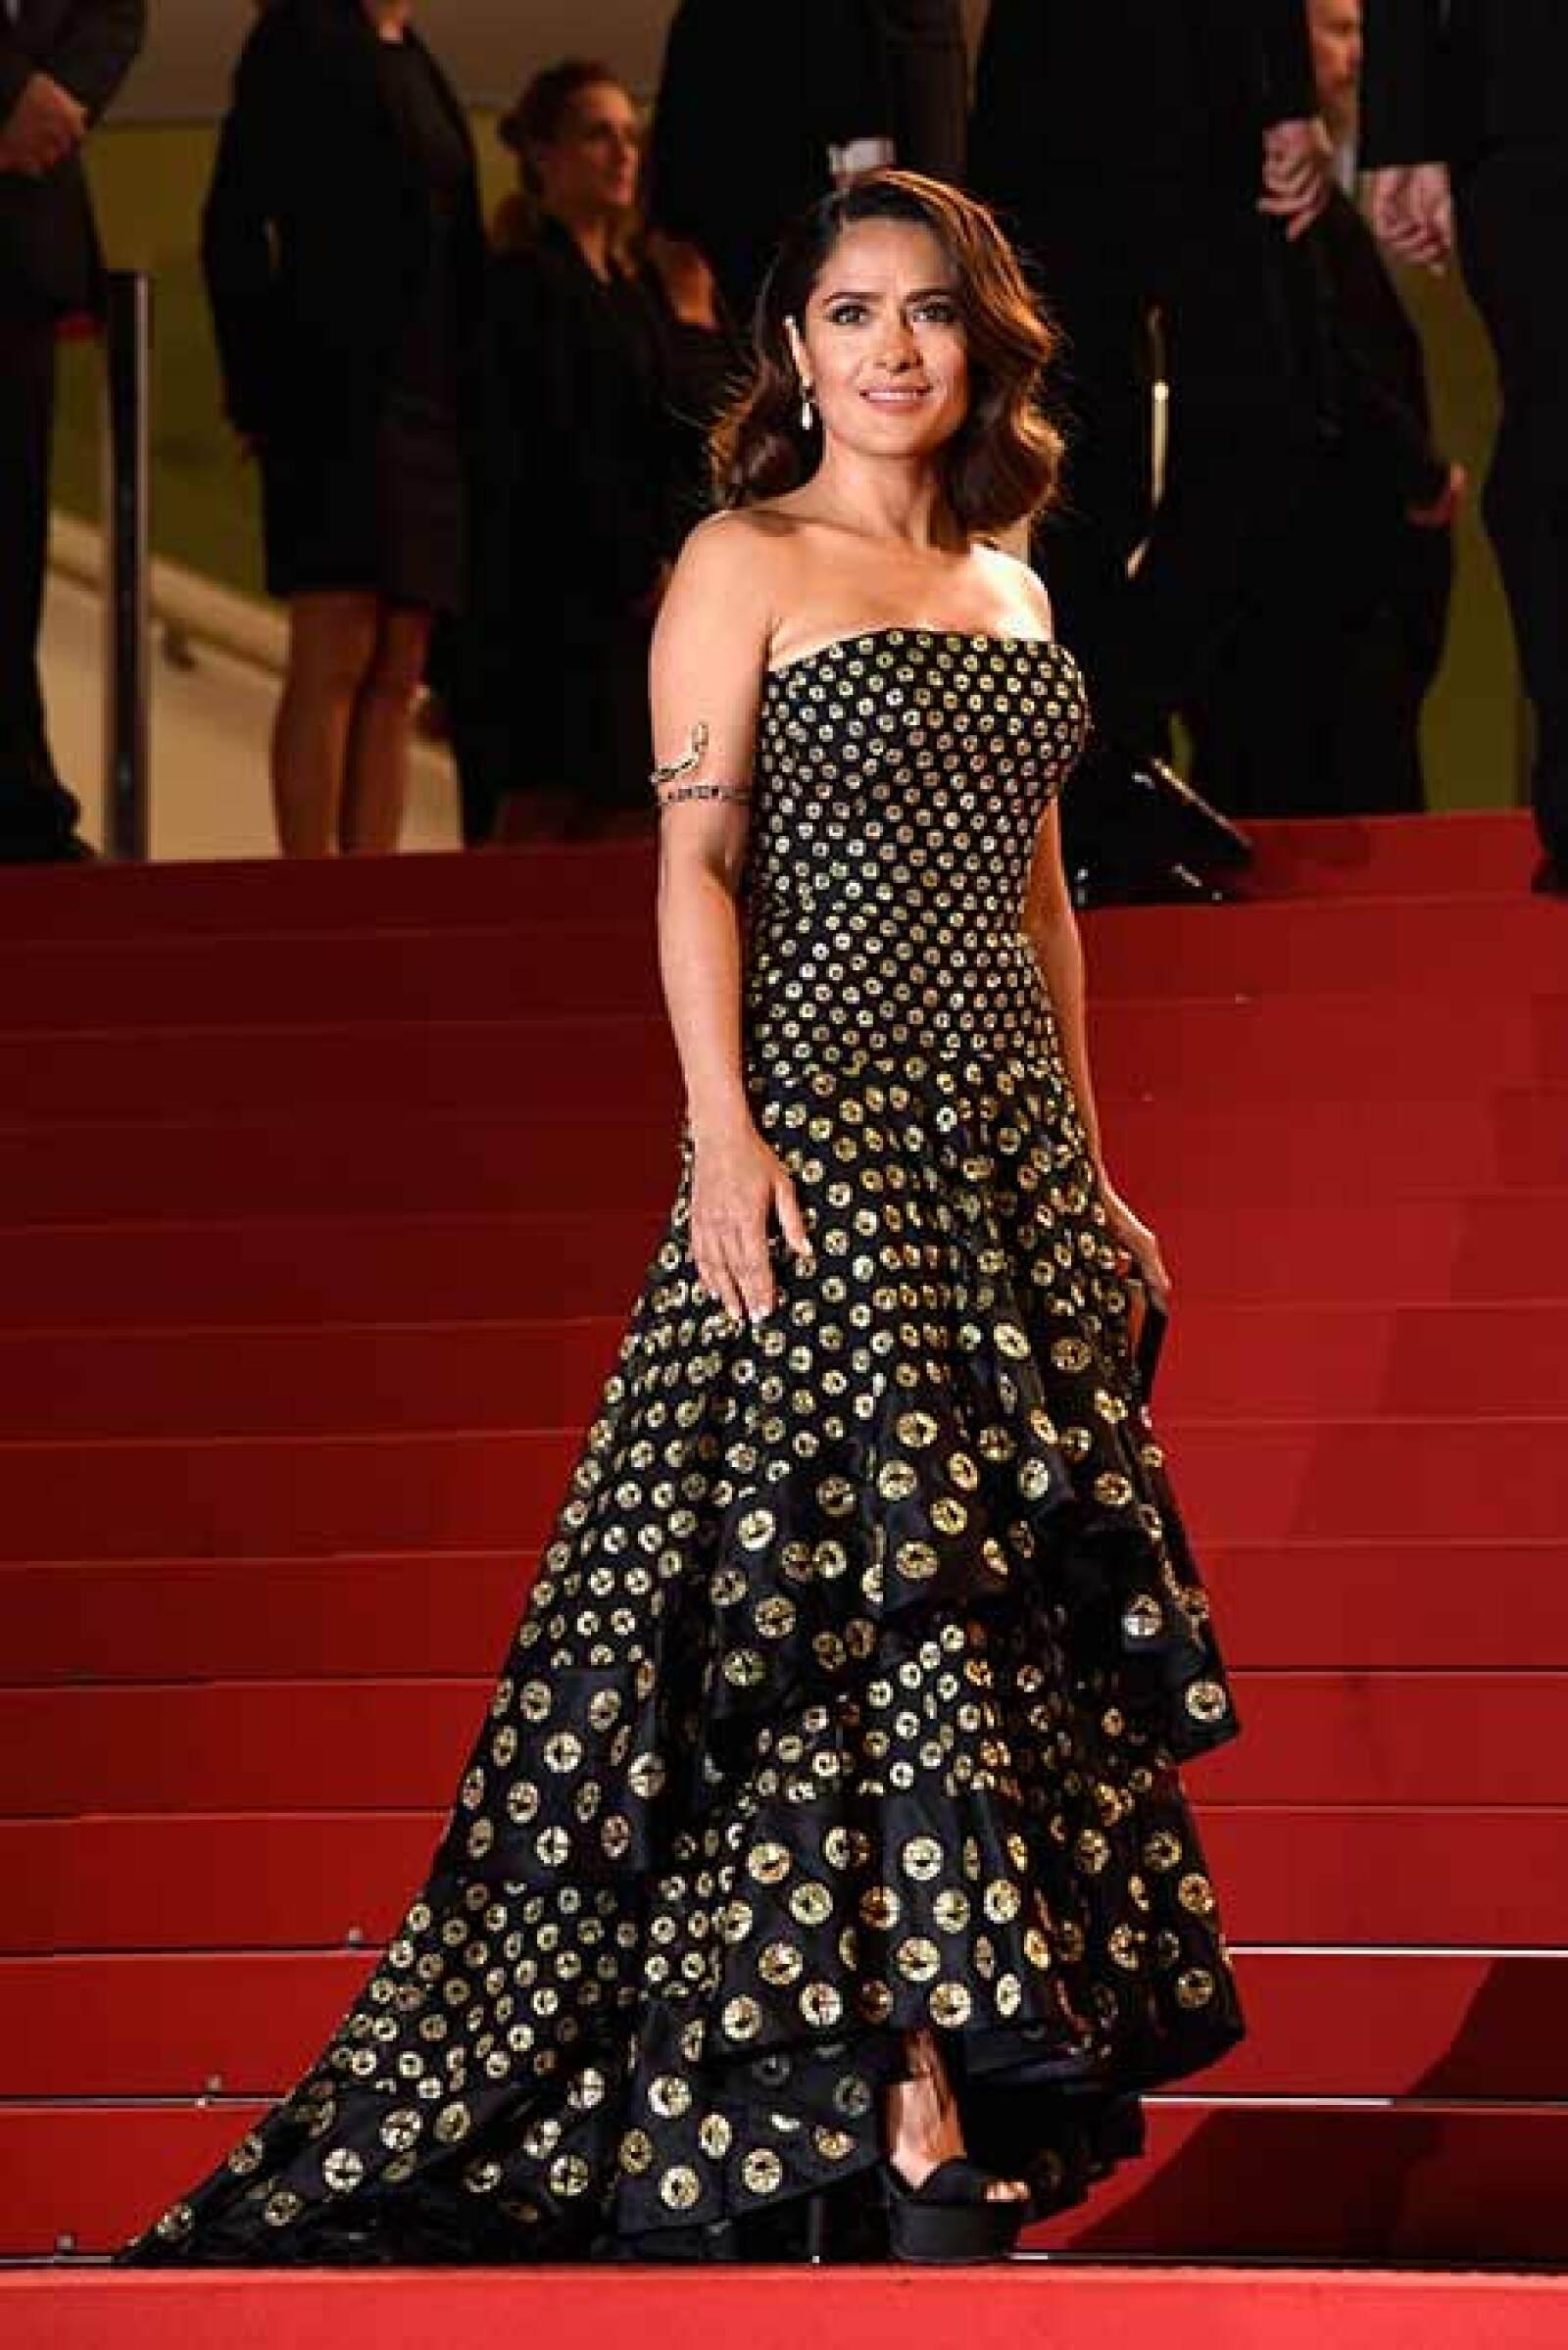 La mexicana lució estupenda en este vestido Alexander McQueen en la presentación de la cinta Il Racconto dei Racconti que protagoniza.